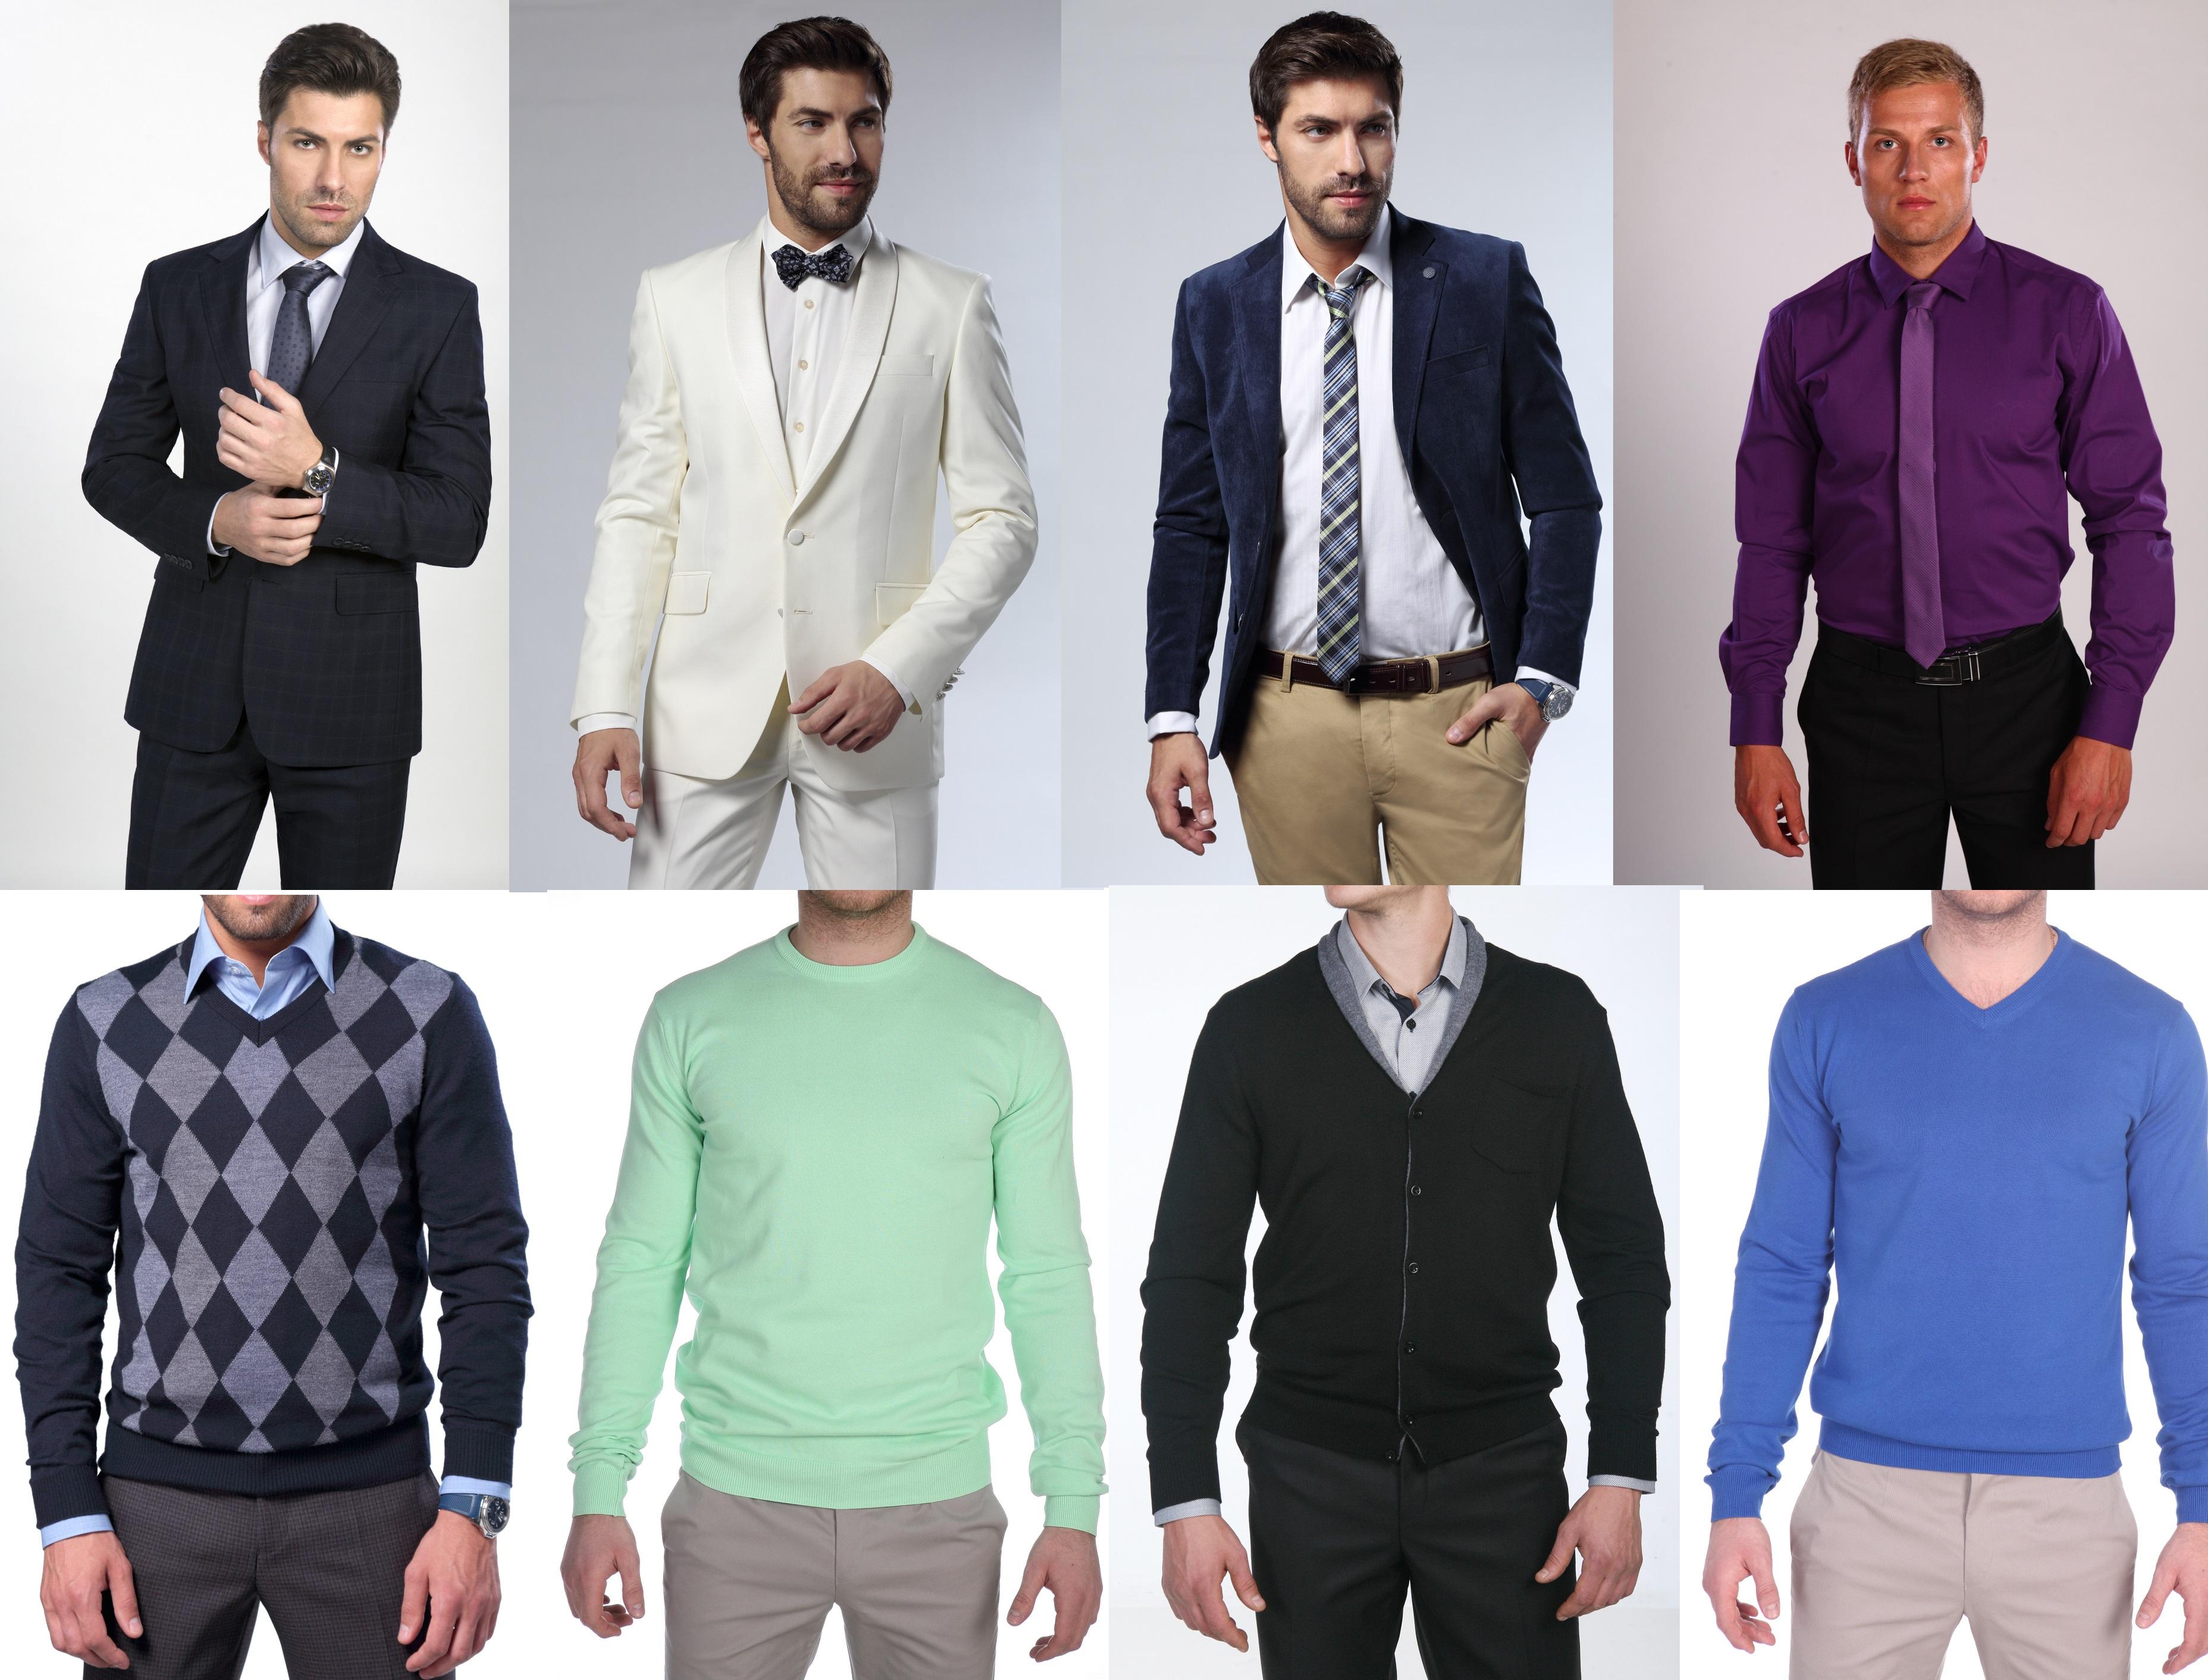 Предновогодний сбор! Наряжаем и выбираем подарки для наших мужчин))) Одежда для настоящих мужчин - 19. От 44 до 72 размера. Есть распродажа! Без рядов!